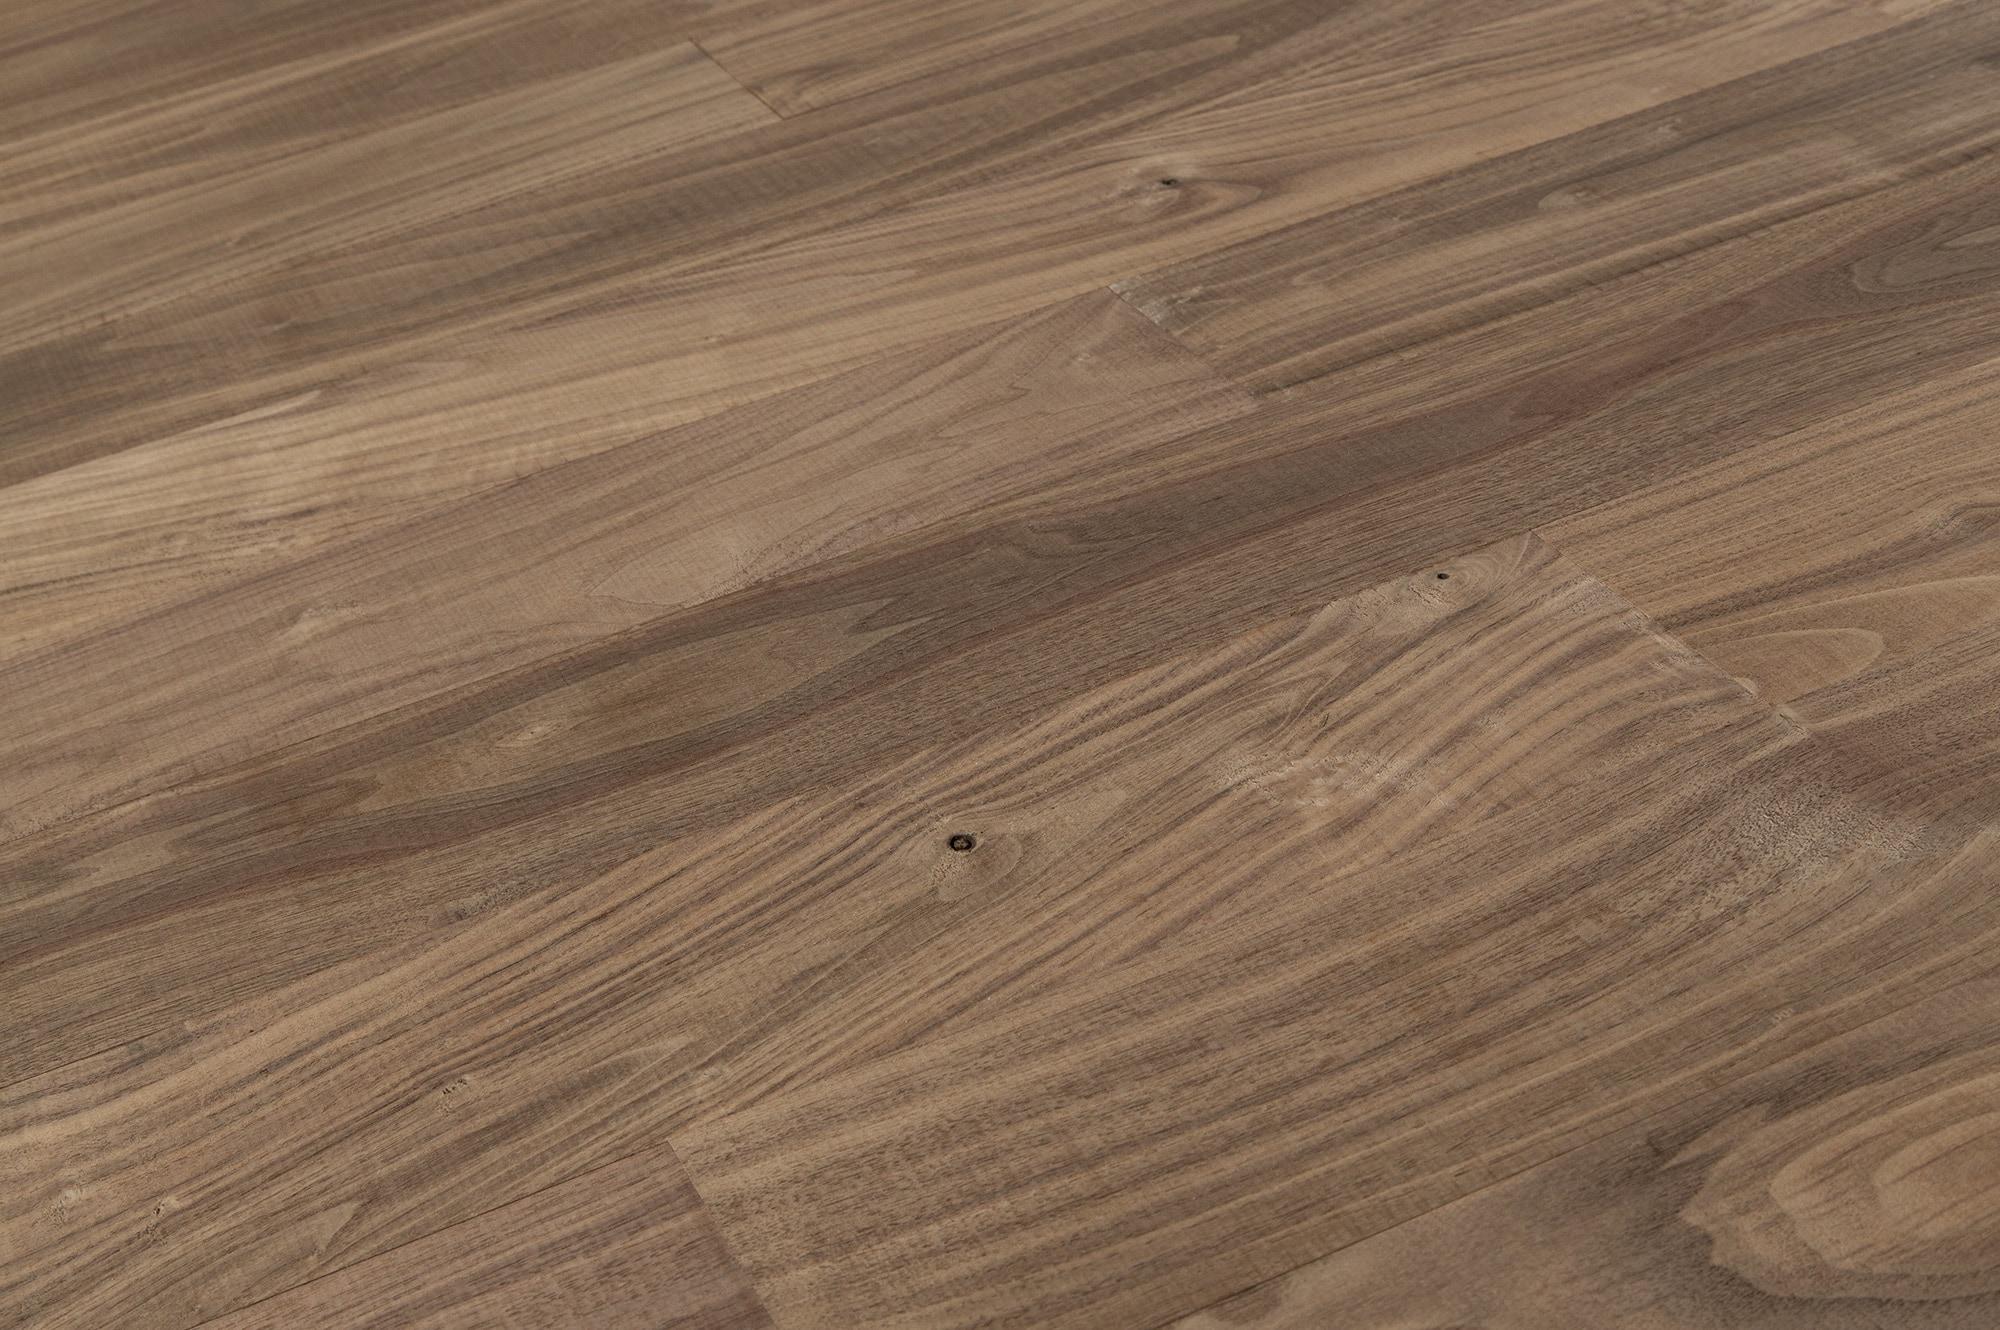 Tungston hardwood unfinished walnut unfinished walnut for Unfinished walnut flooring